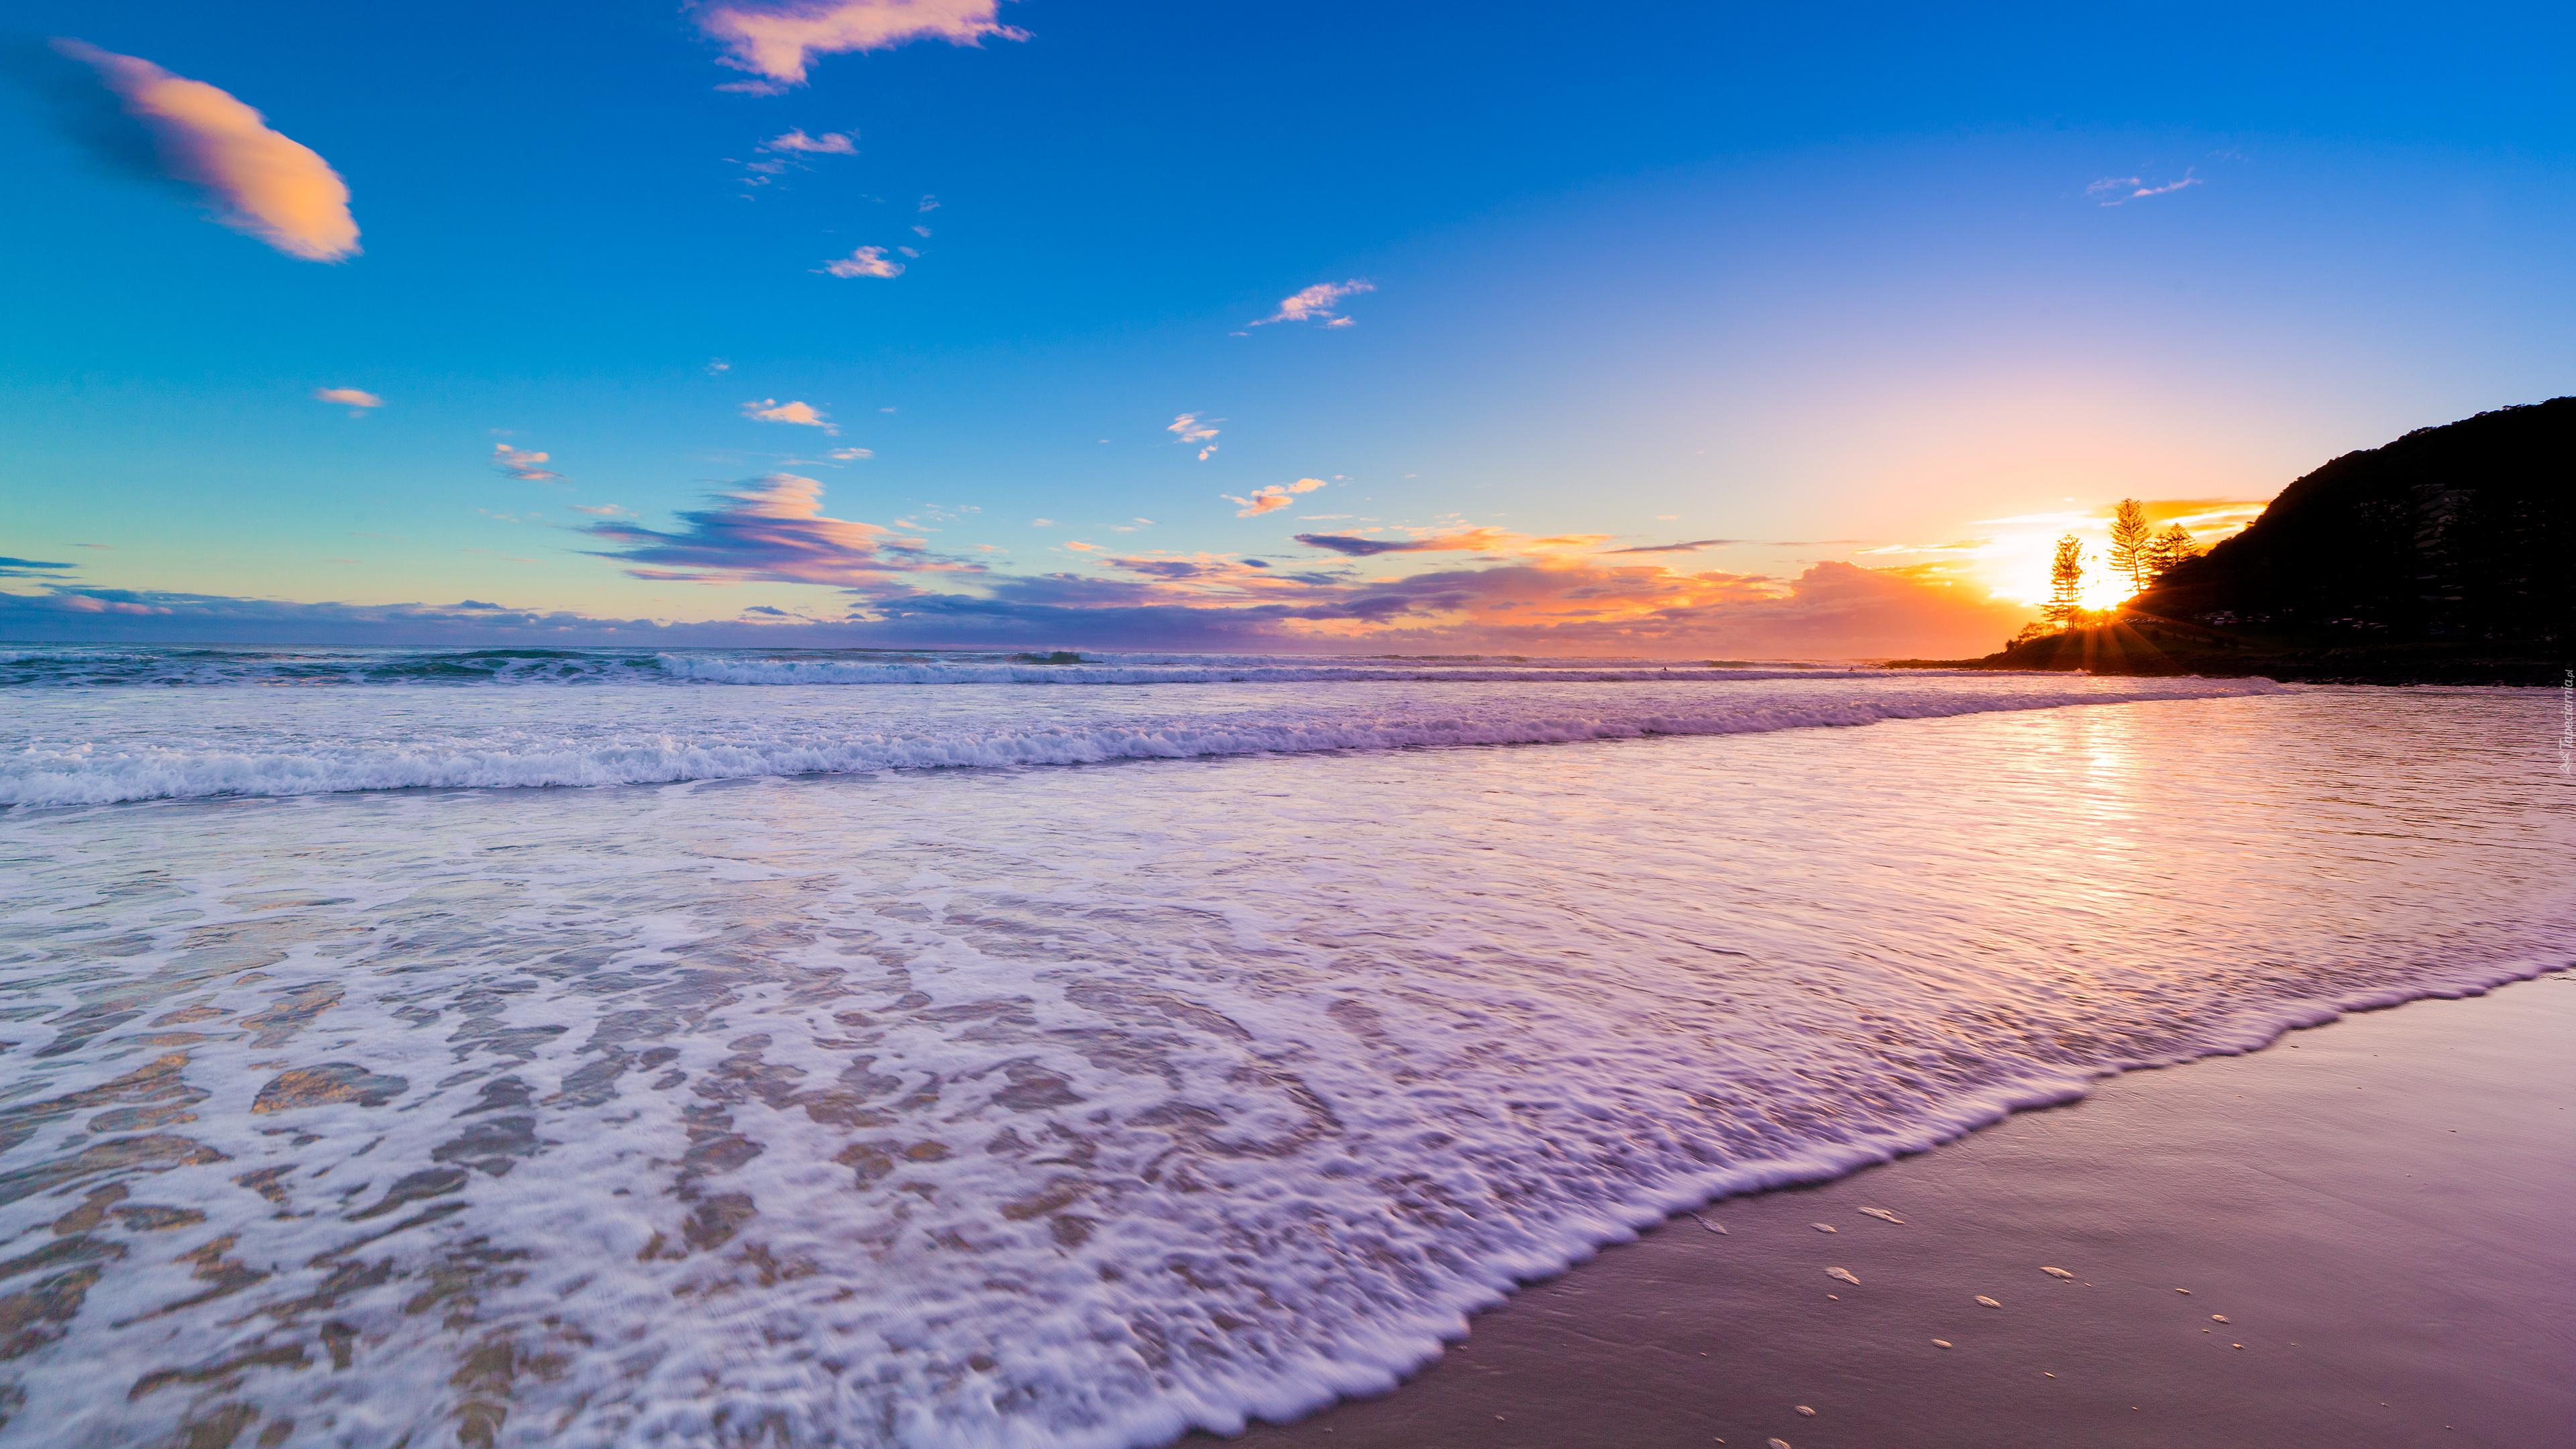 Morze, Plaża, Promienie, Słońca, Obłoki